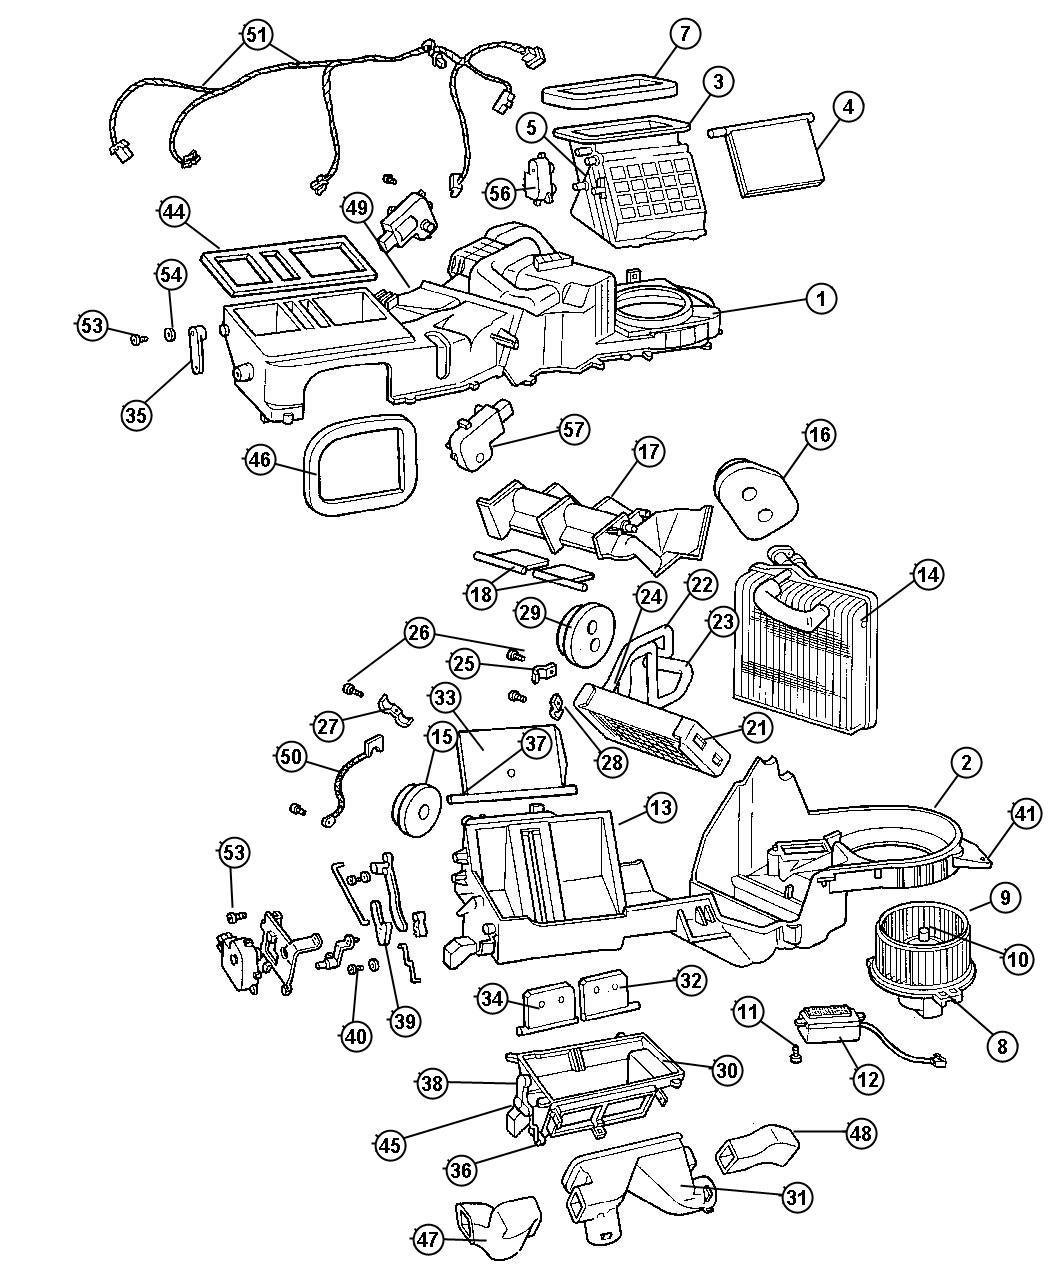 00 jeep xj fuse box  jeep  auto fuse box diagram